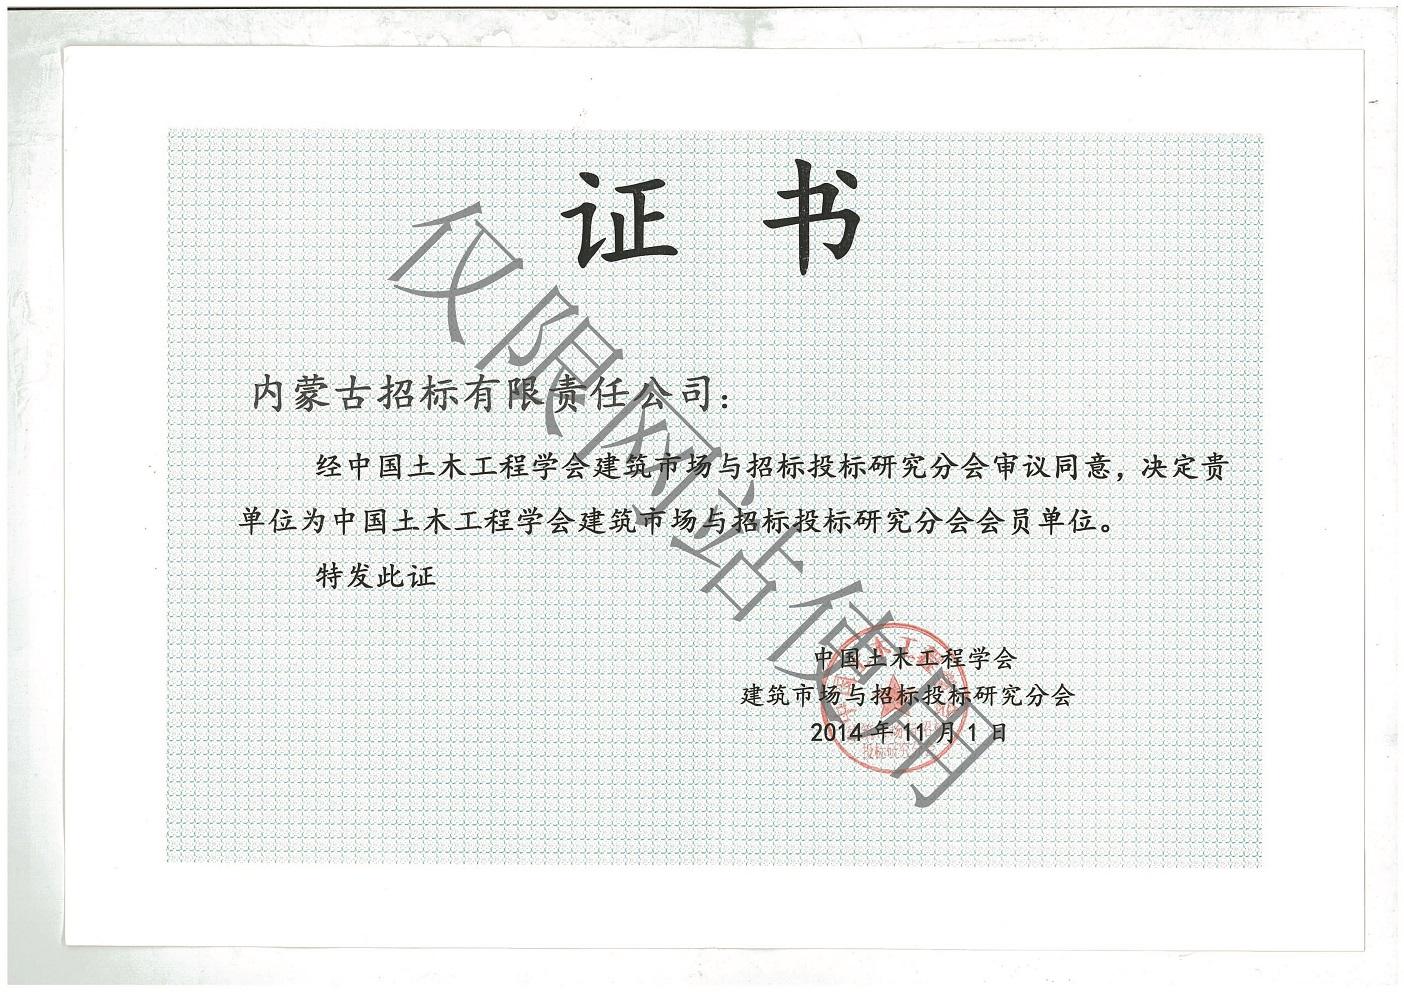 土木gong程协会会员